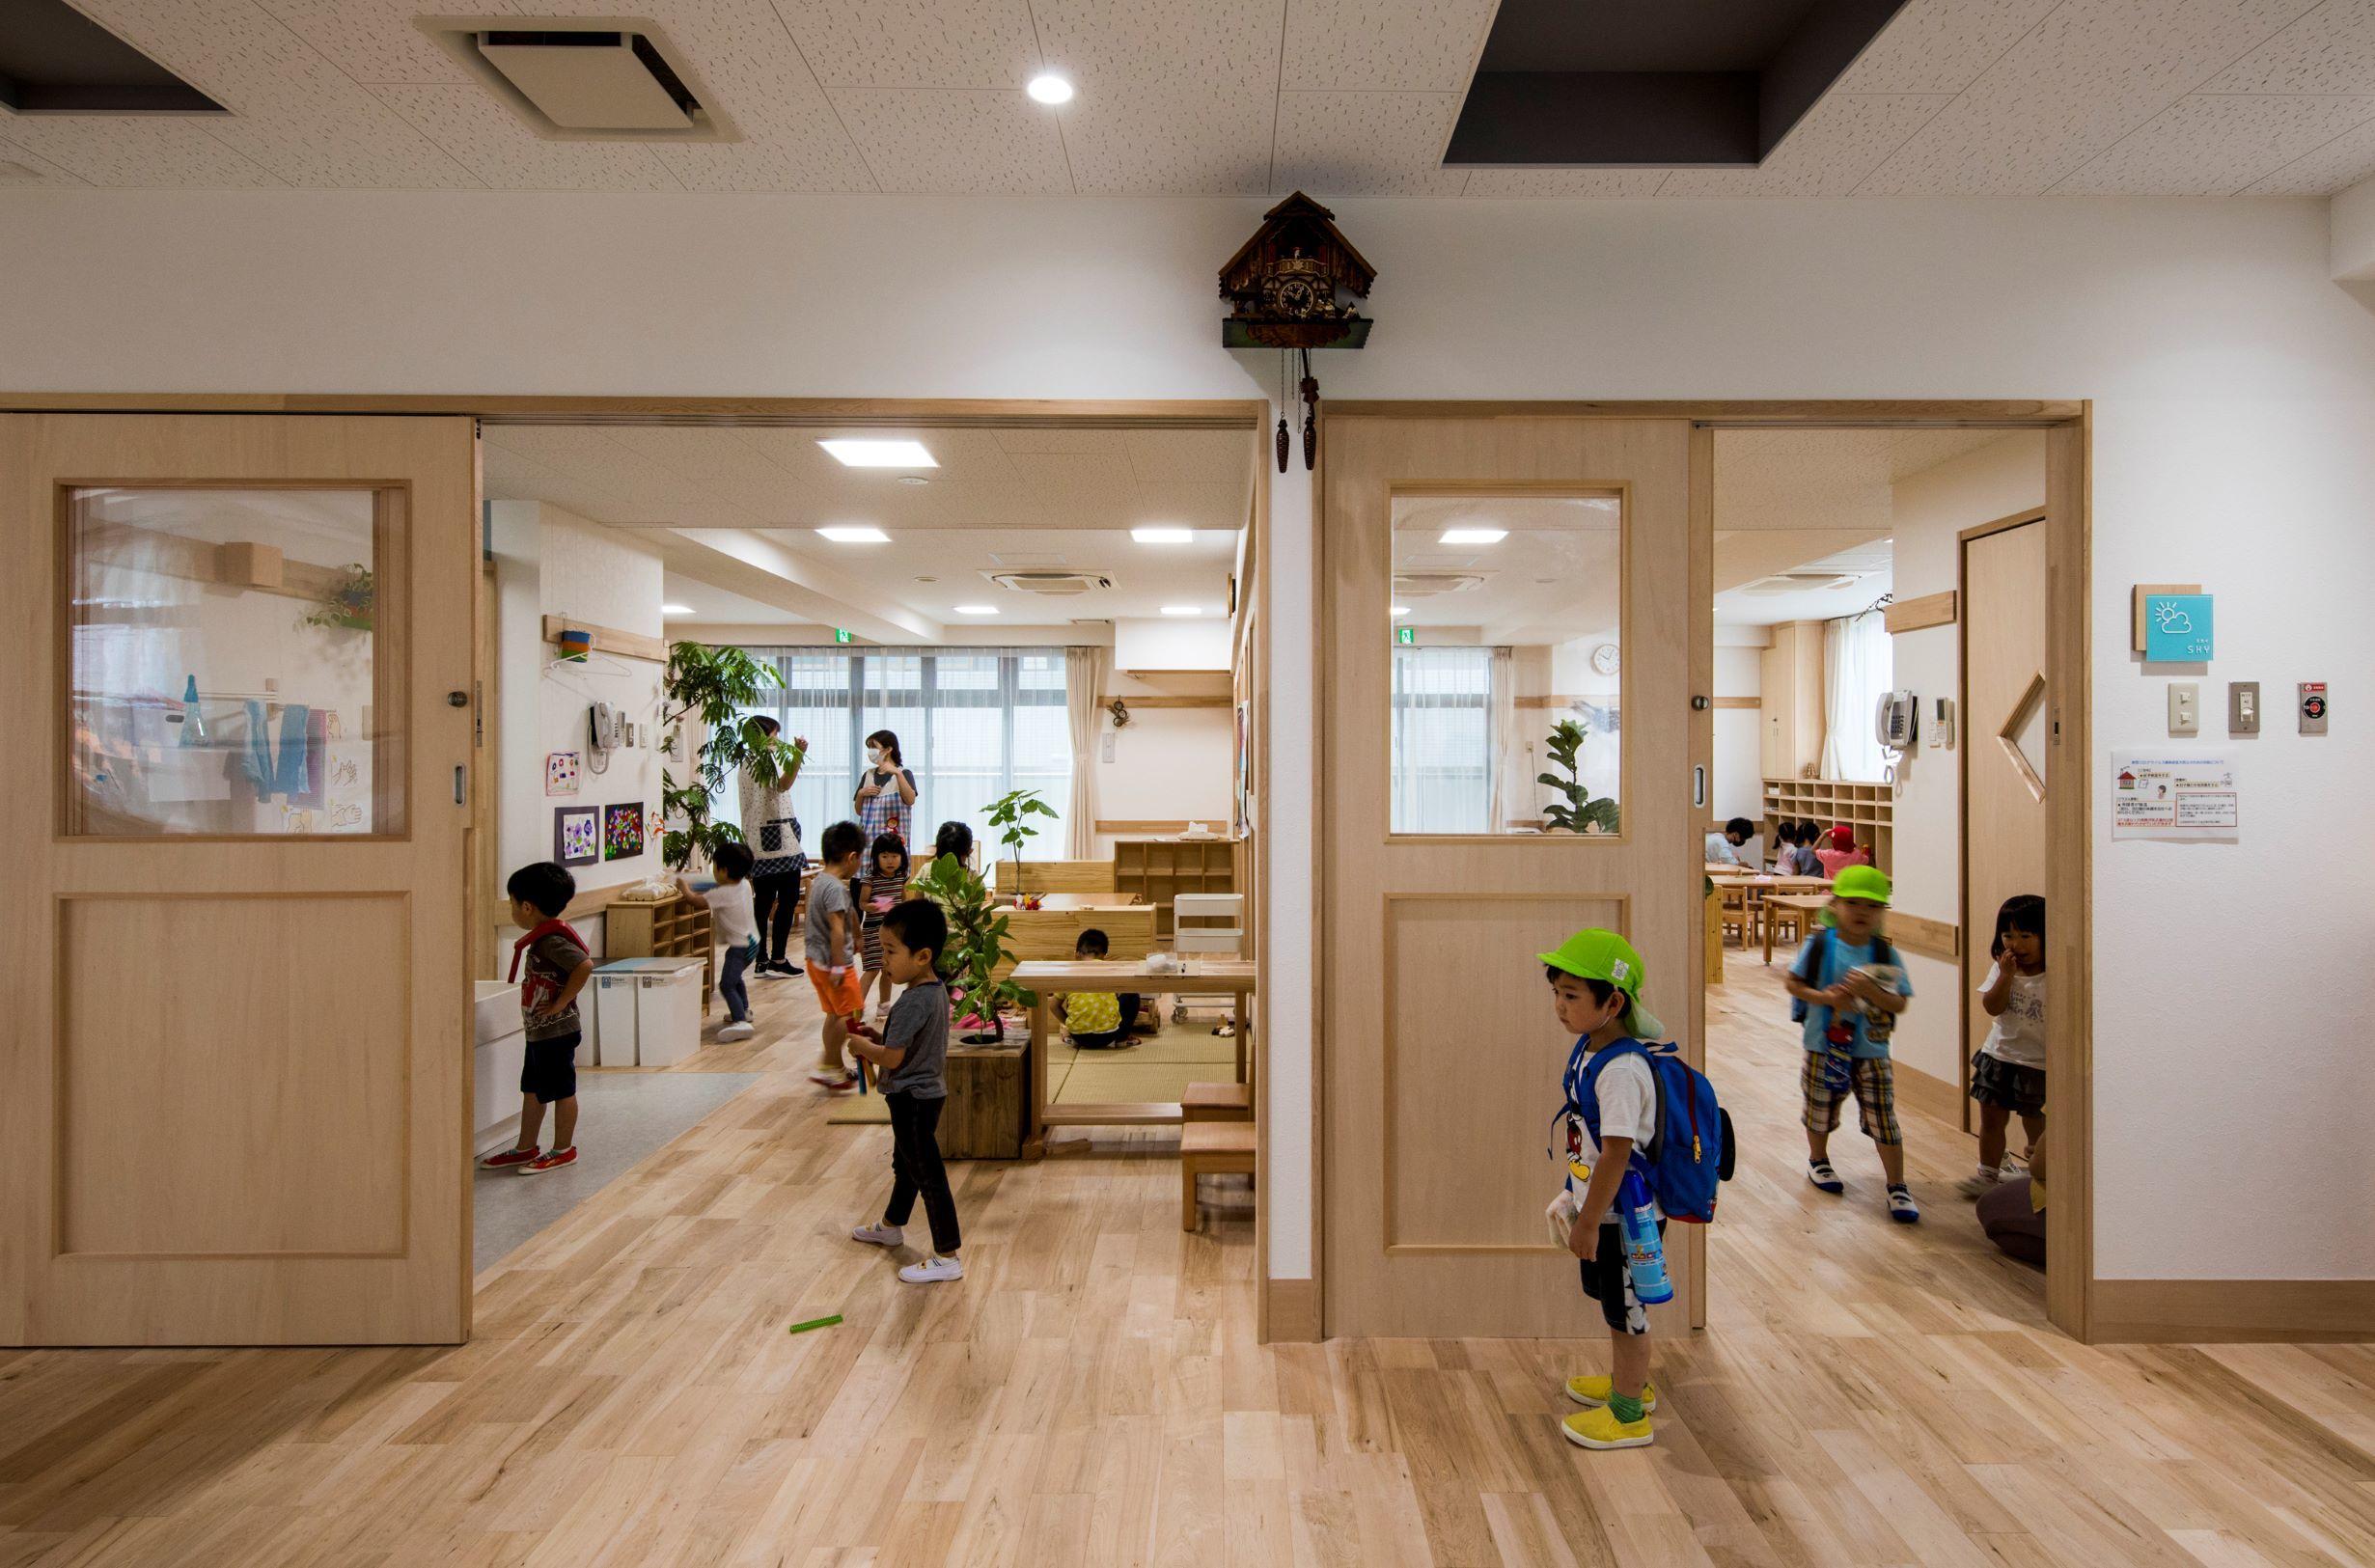 異年齢保育のスペースを作った保育園